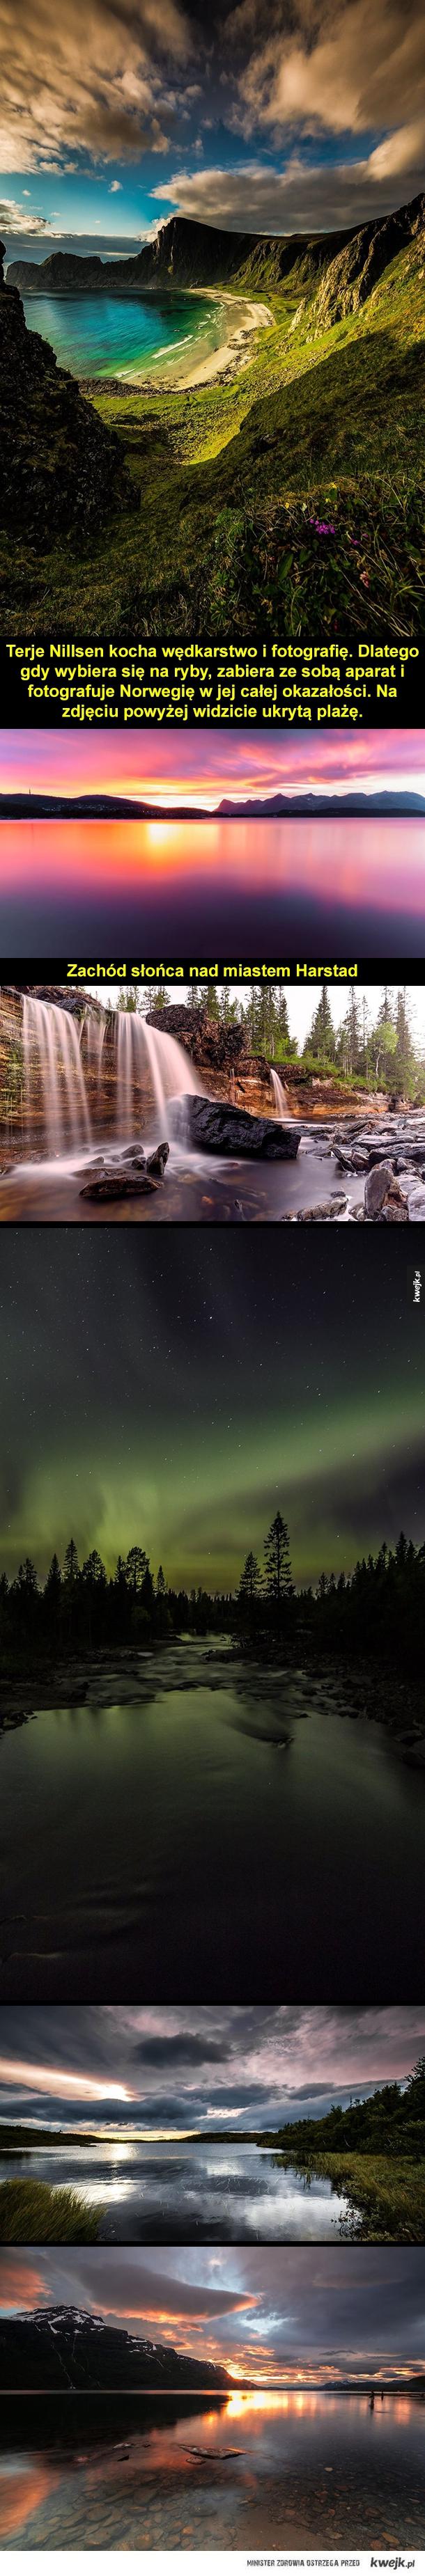 Piękno Norwegii - Terje Nillsen kocha wędkarstwo i fotografię. Dlatego gdy wybiera się na ryby, zabiera ze sobą aparat i fotografuje Norwegię w jej całej okazałości.